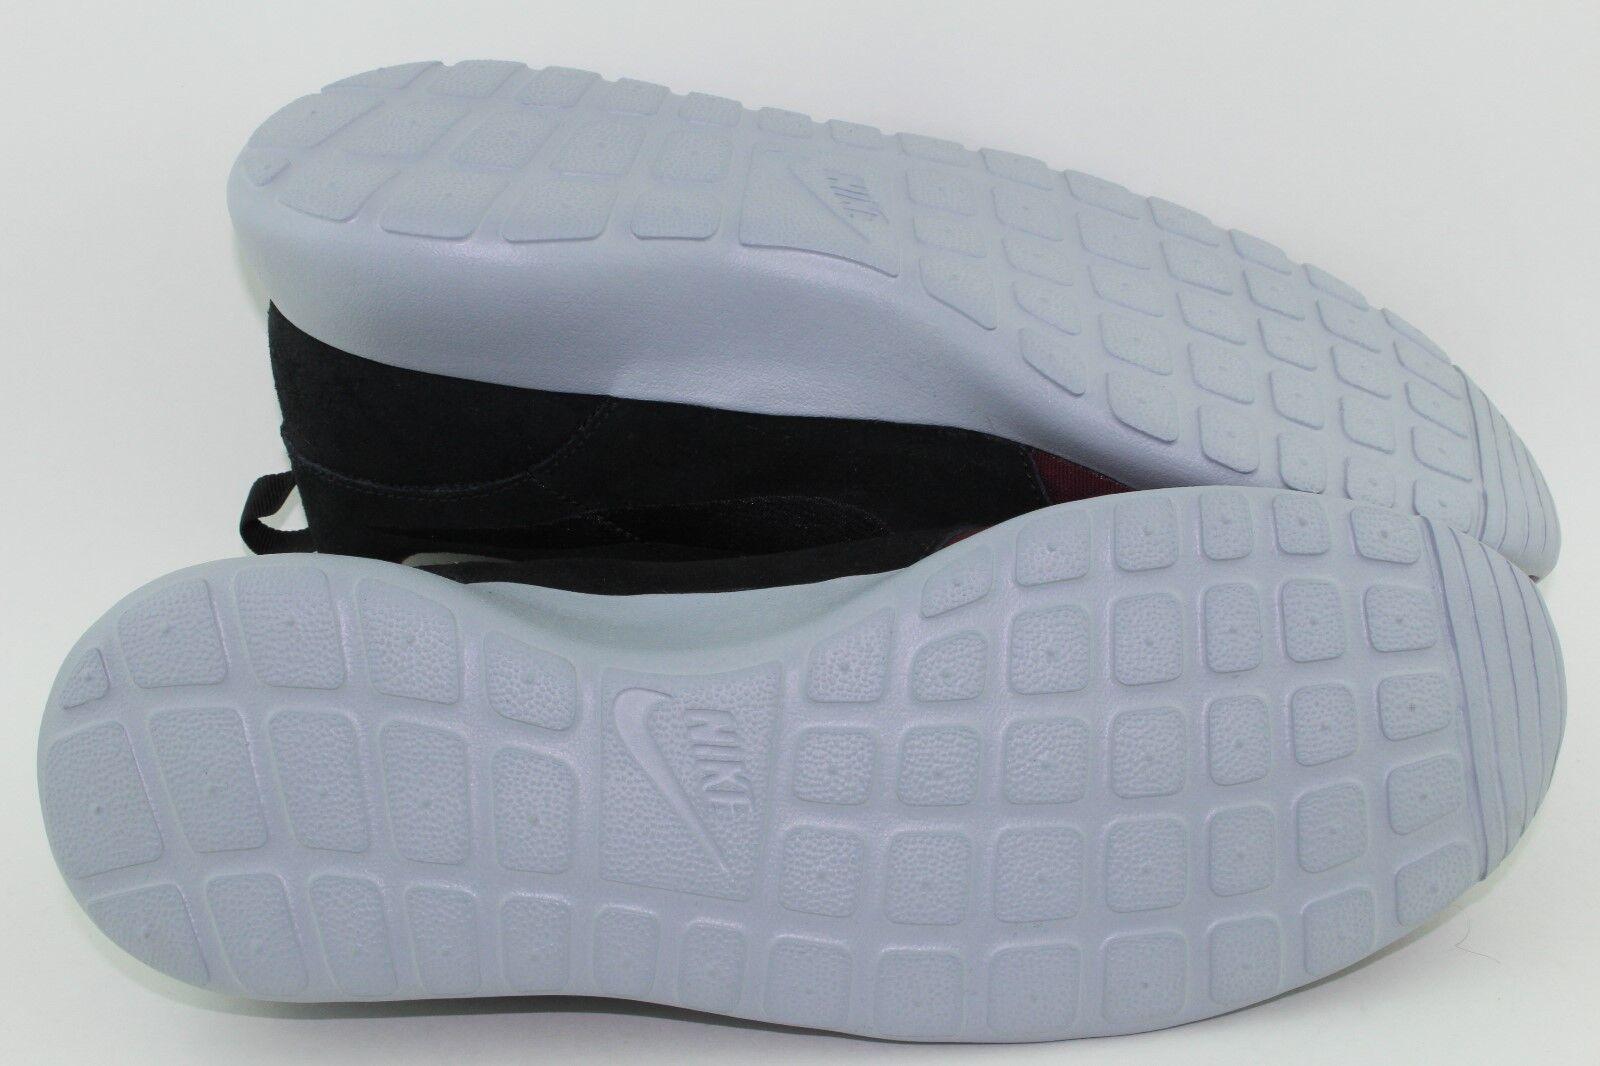 Nike roshe ein ein roshe premium - größe 8,0 männer nacht maroon laufen wohl neue ac74f5